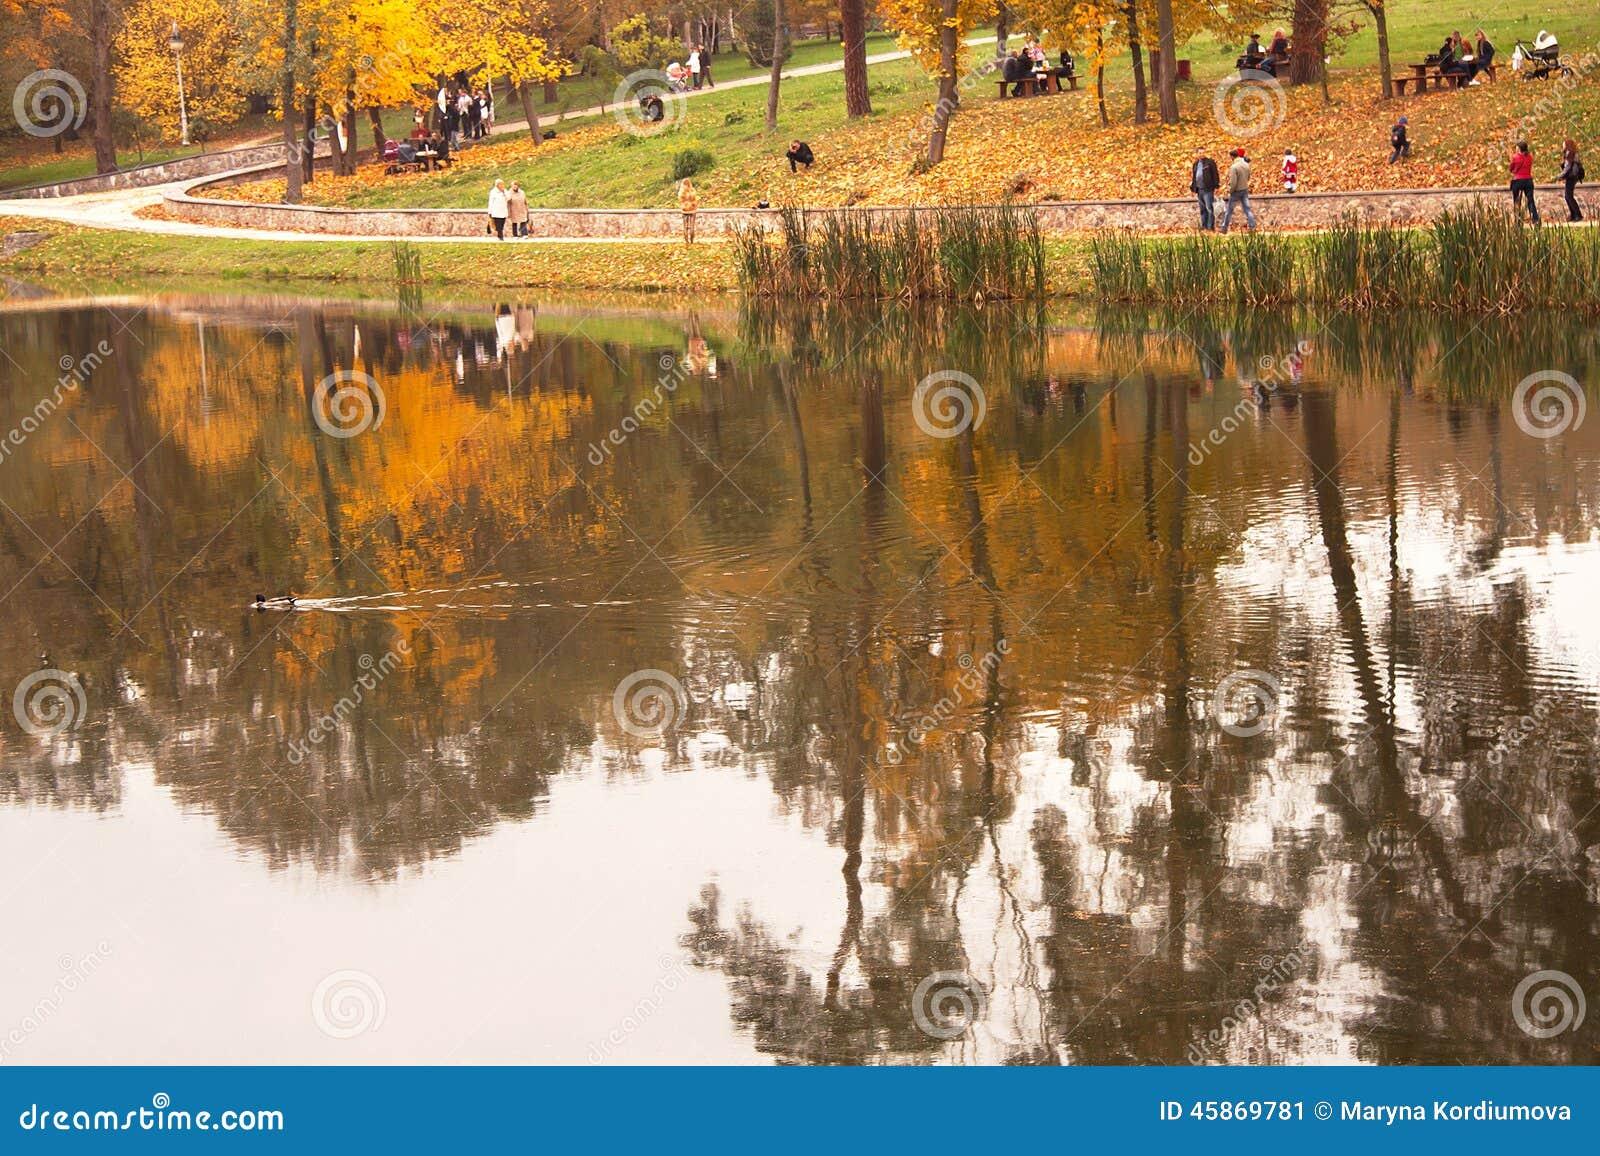 Ansicht des herbstlichen Parks mit Leute- und Baumreflexion im Wasser